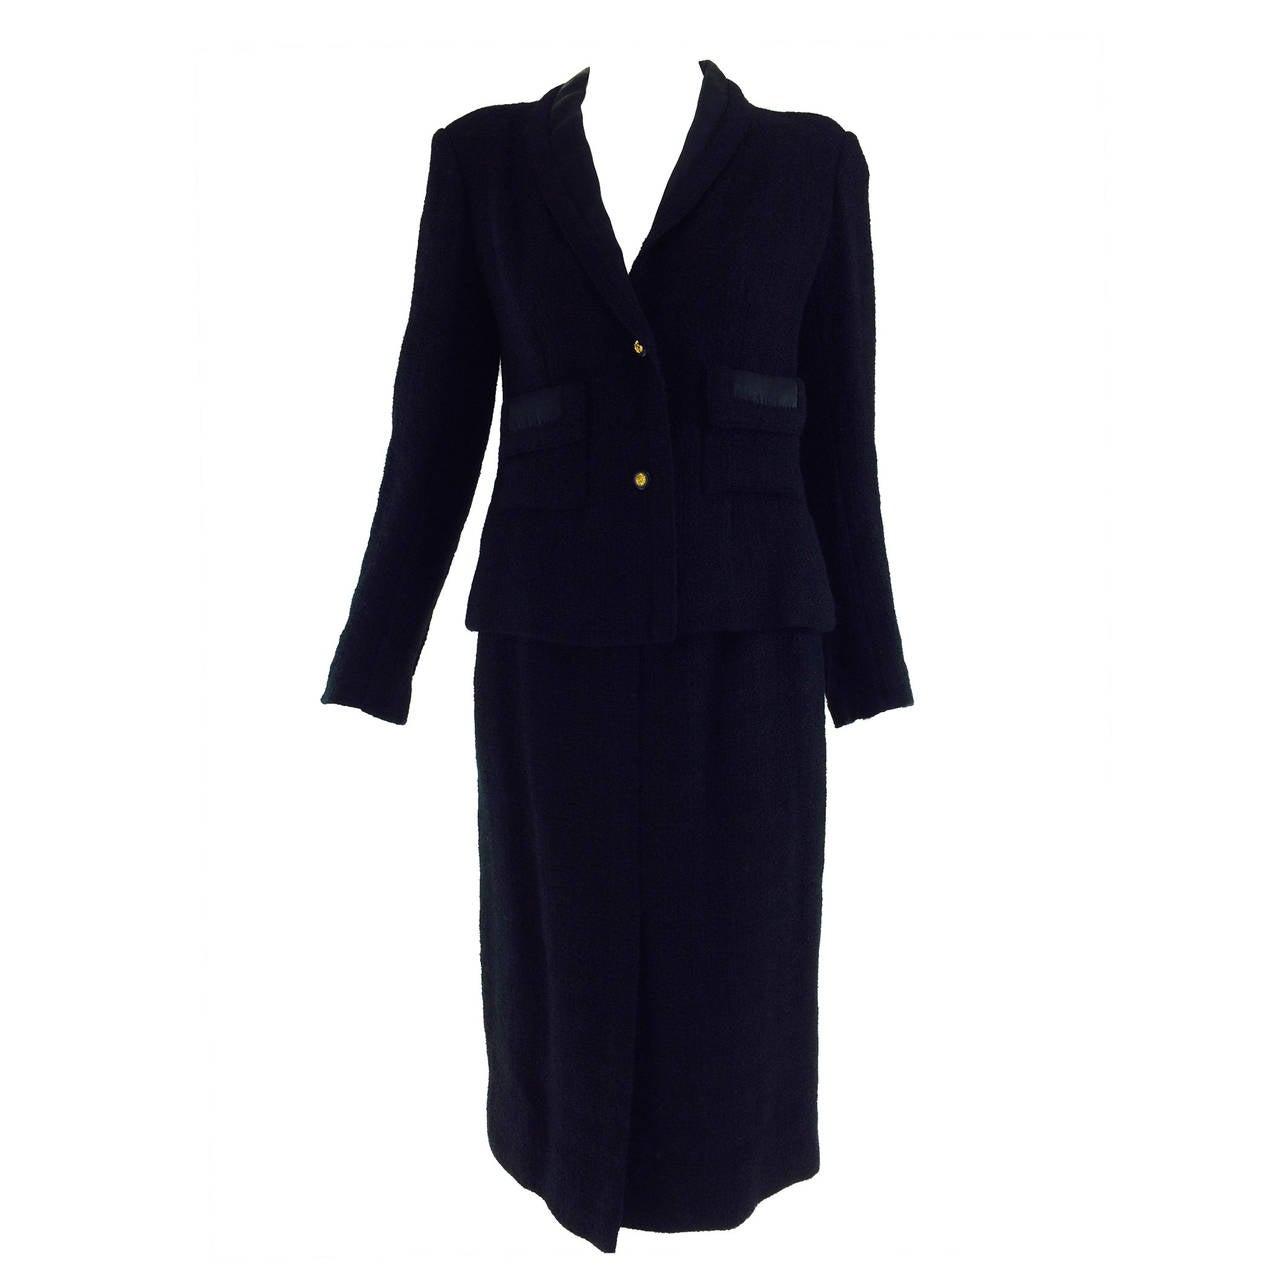 Chanel Creations-Paris black tweed wool suit dated 11/1/1971